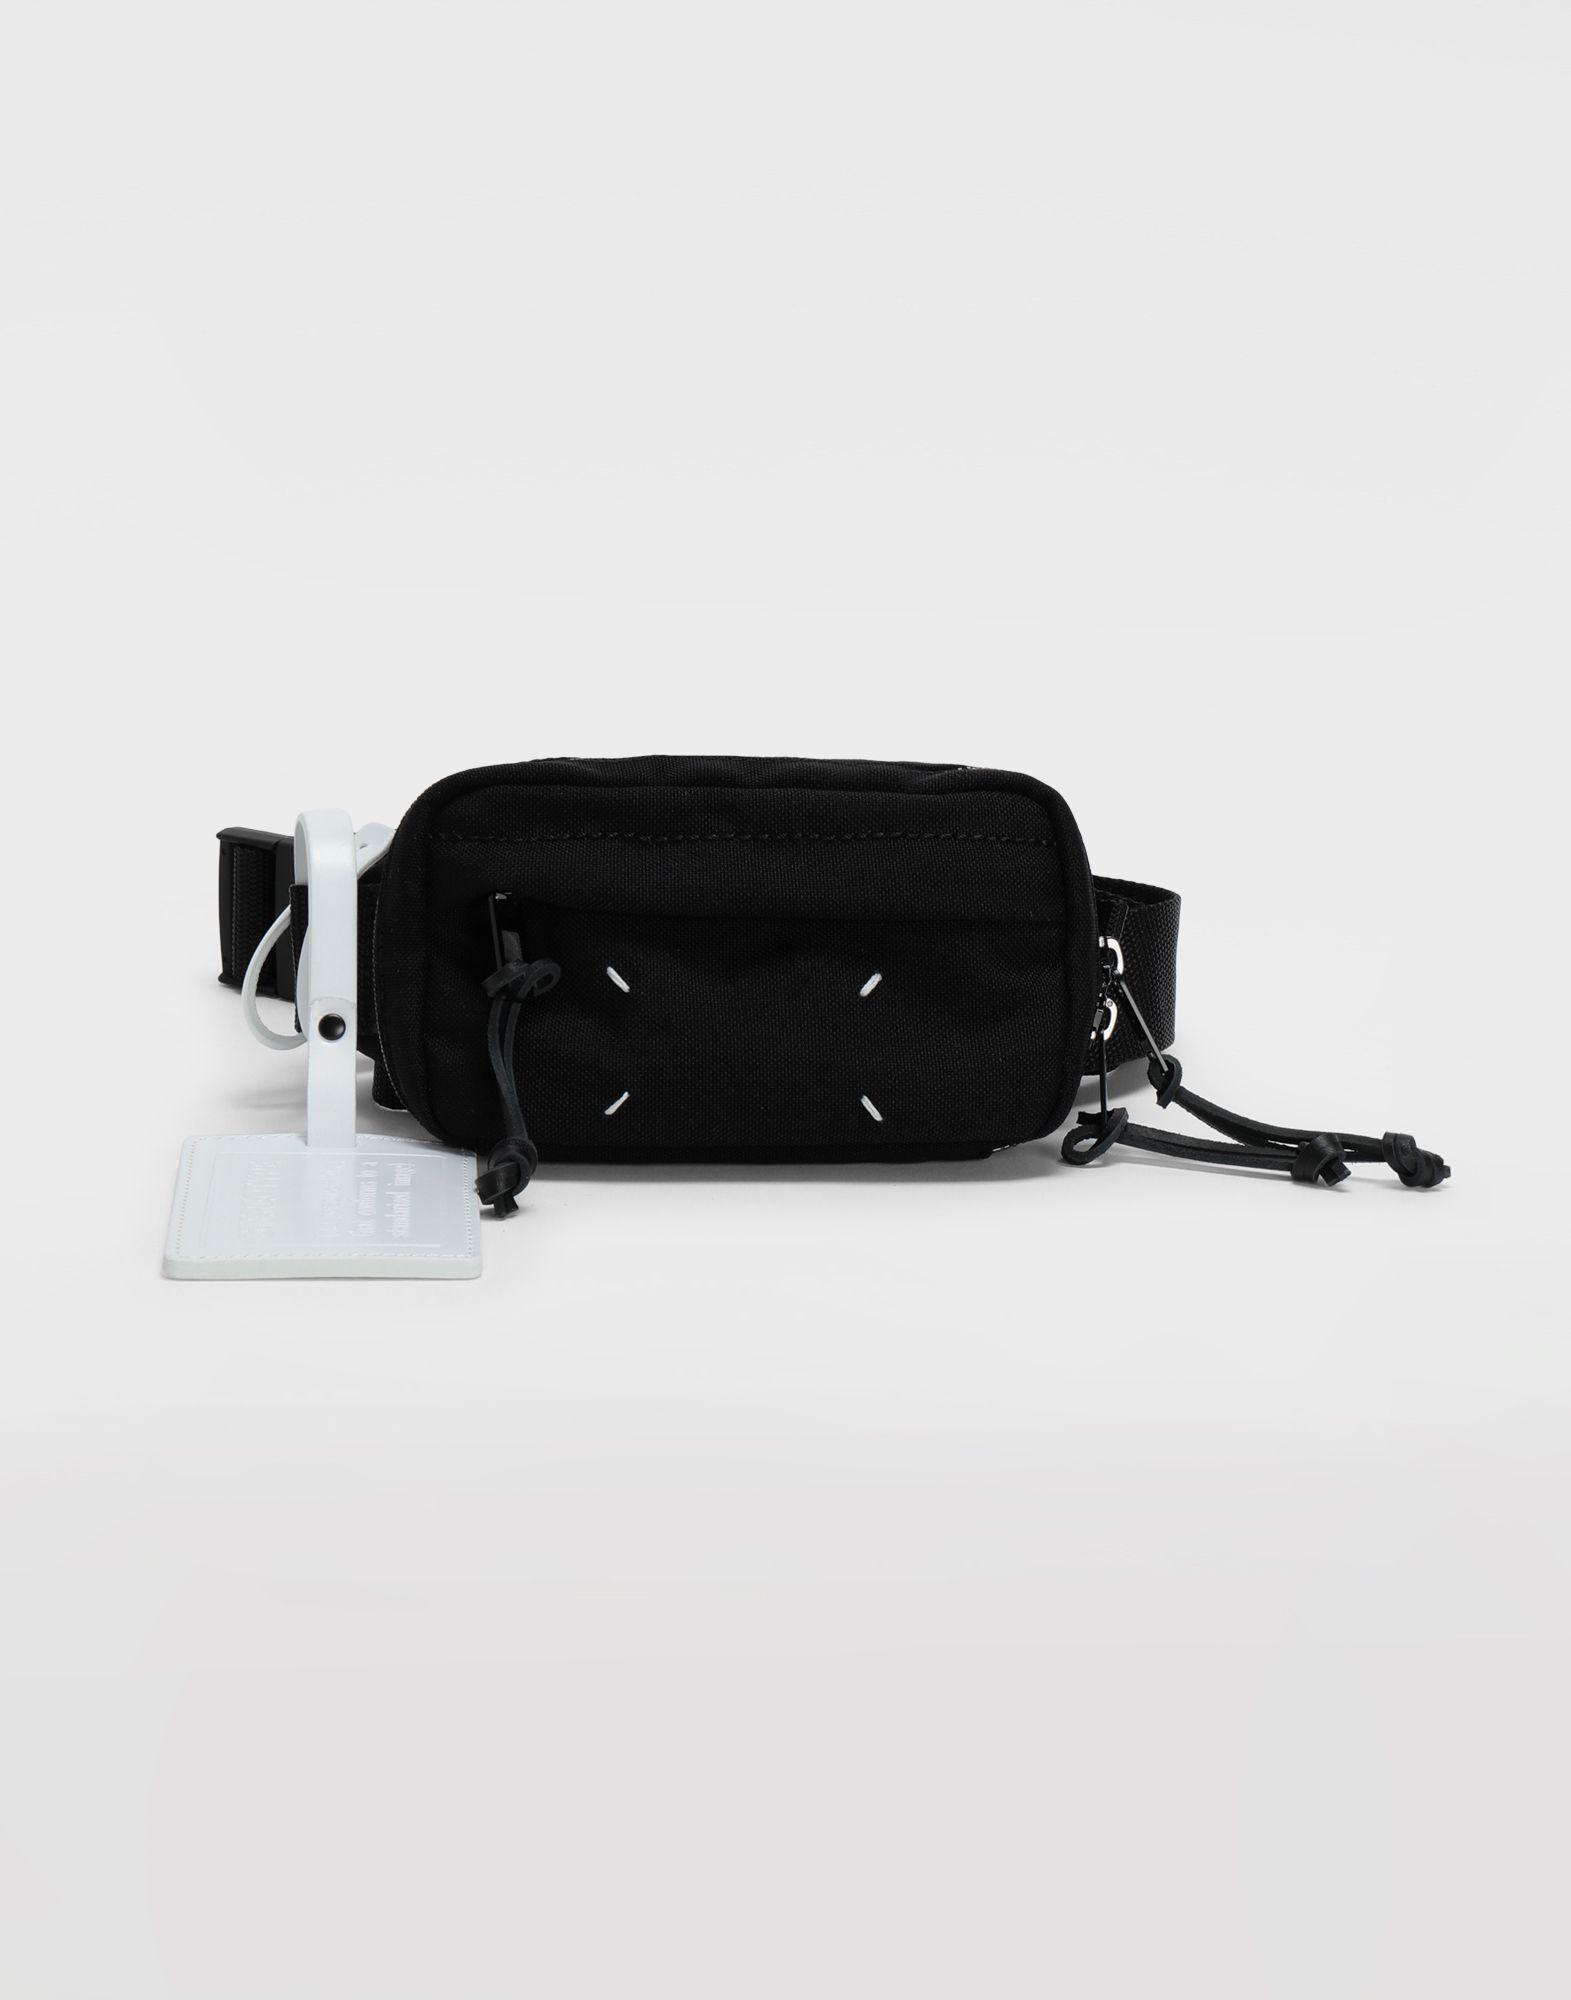 MAISON MARGIELA Сумка с ремешком на молнии Поясная сумка Для Мужчин f